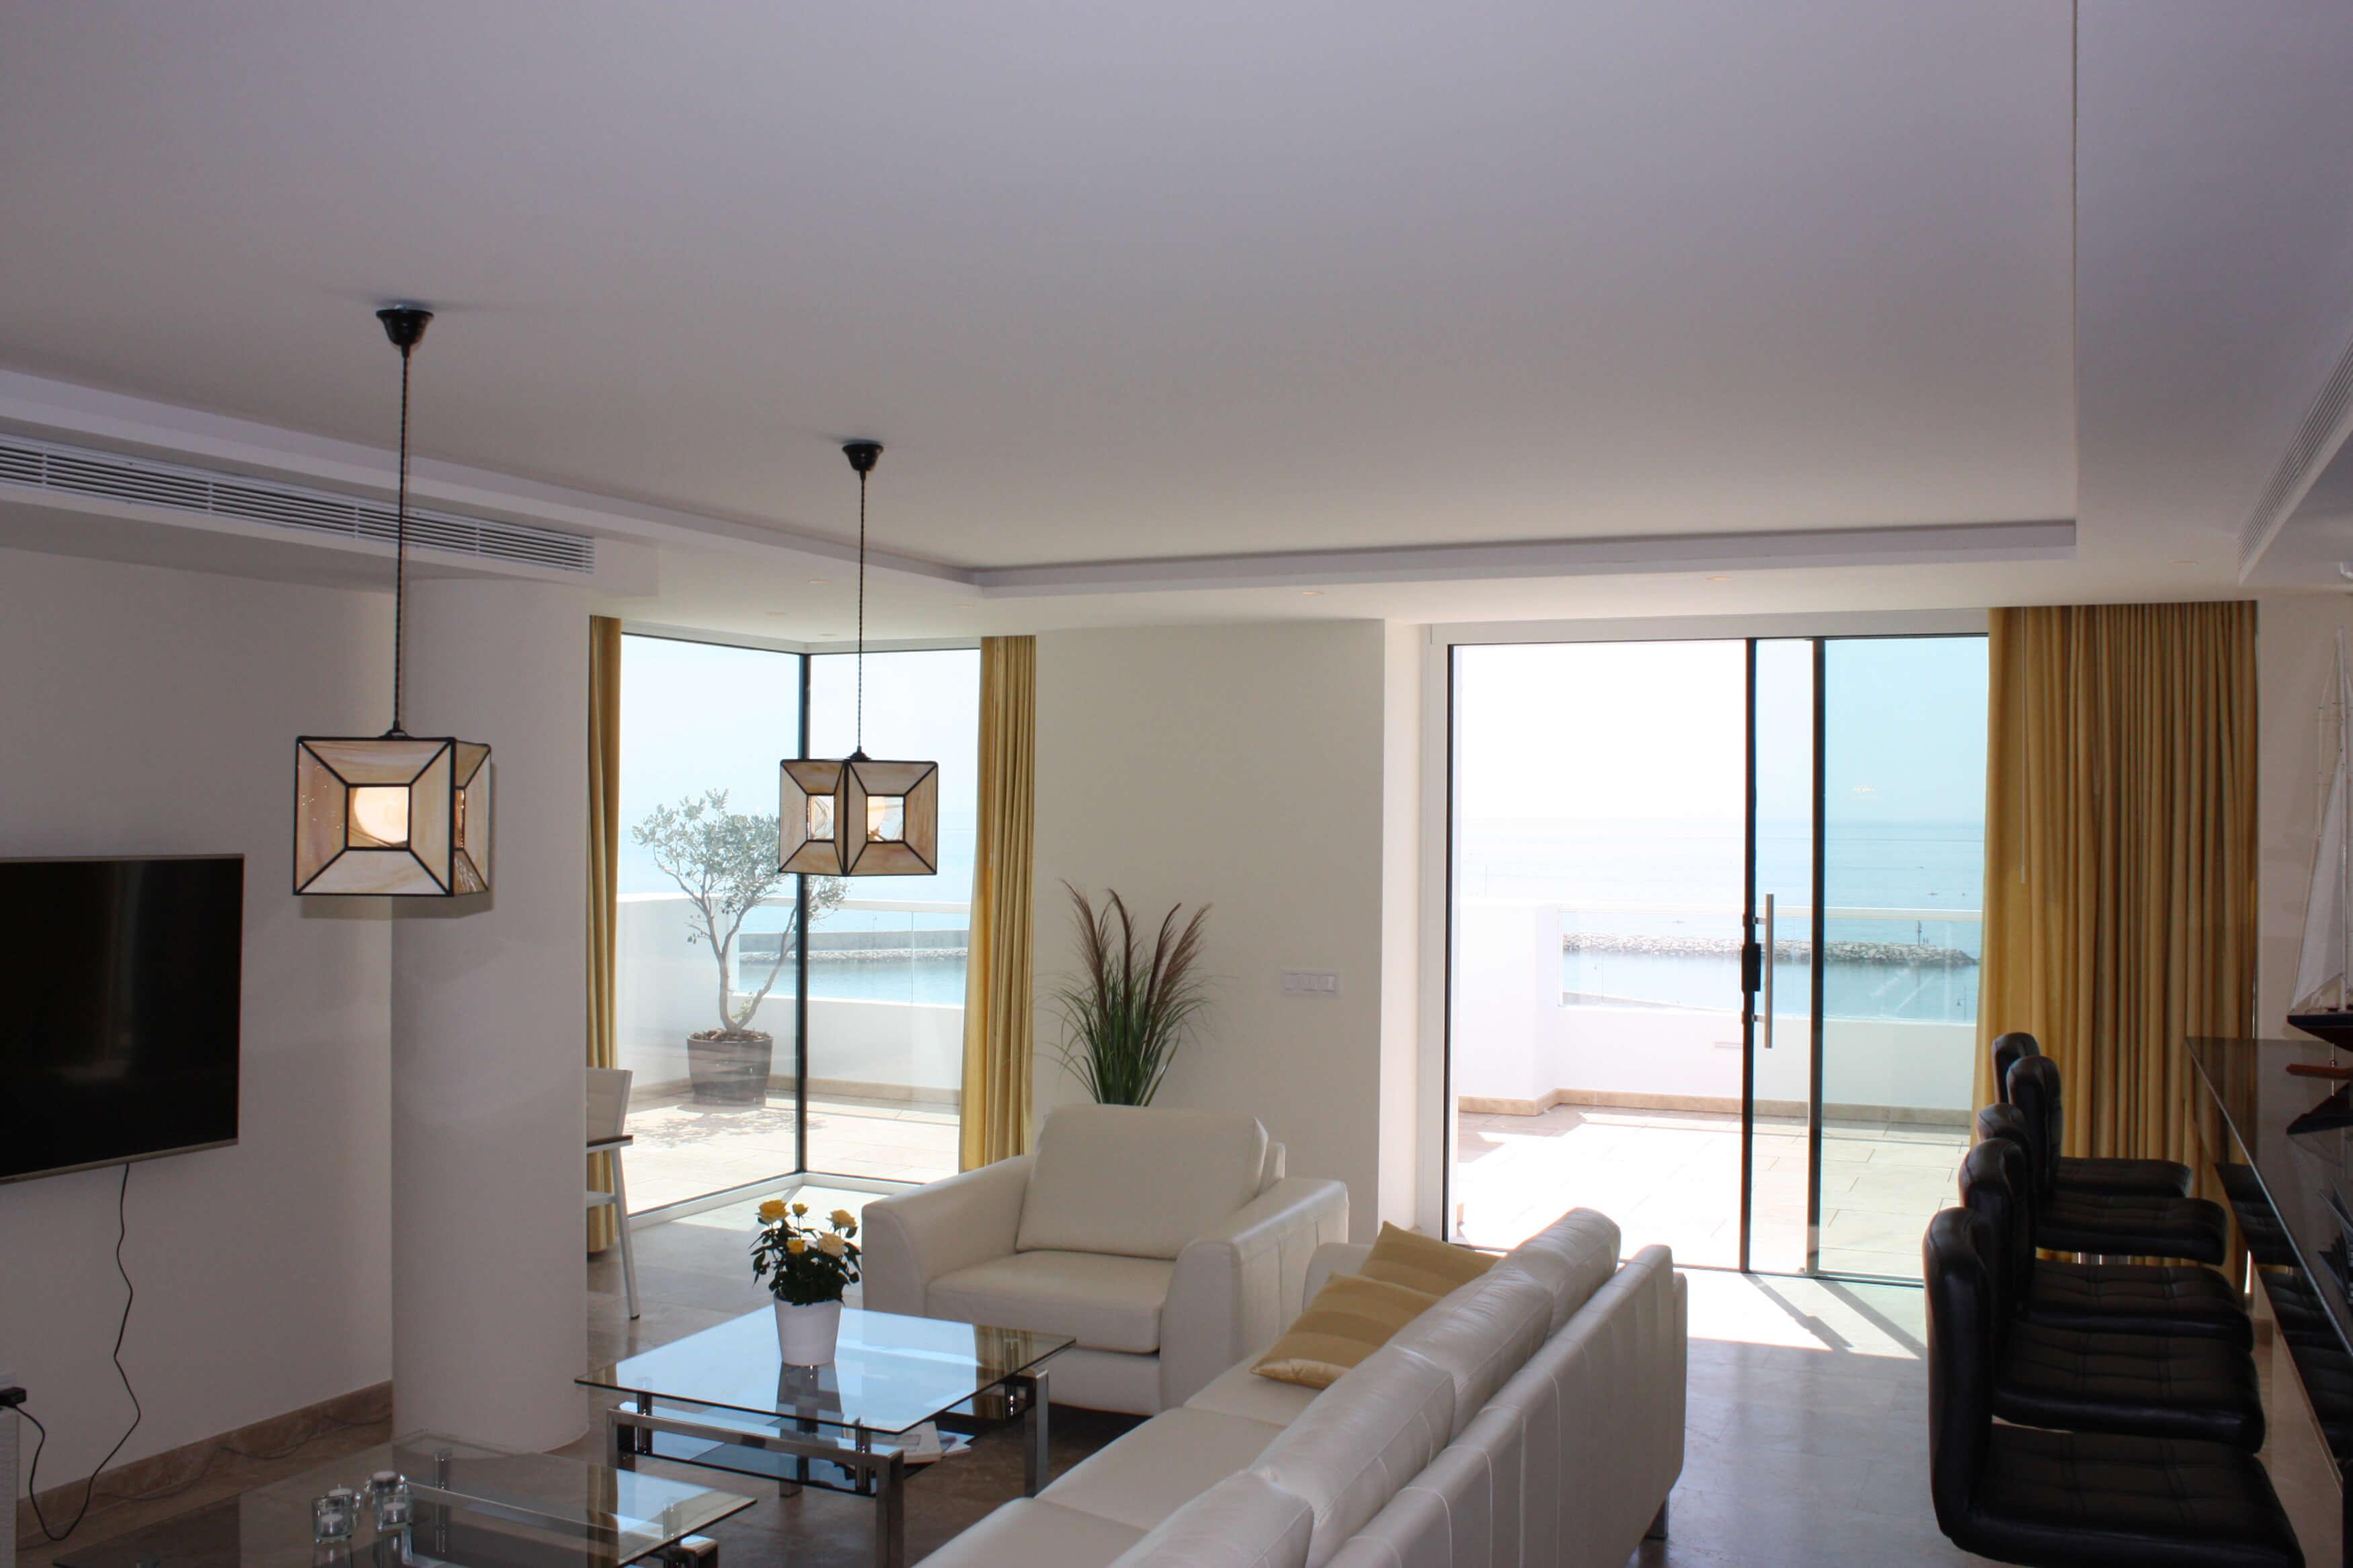 Vista salón 5,Ático -Estepona, Costa del Sol